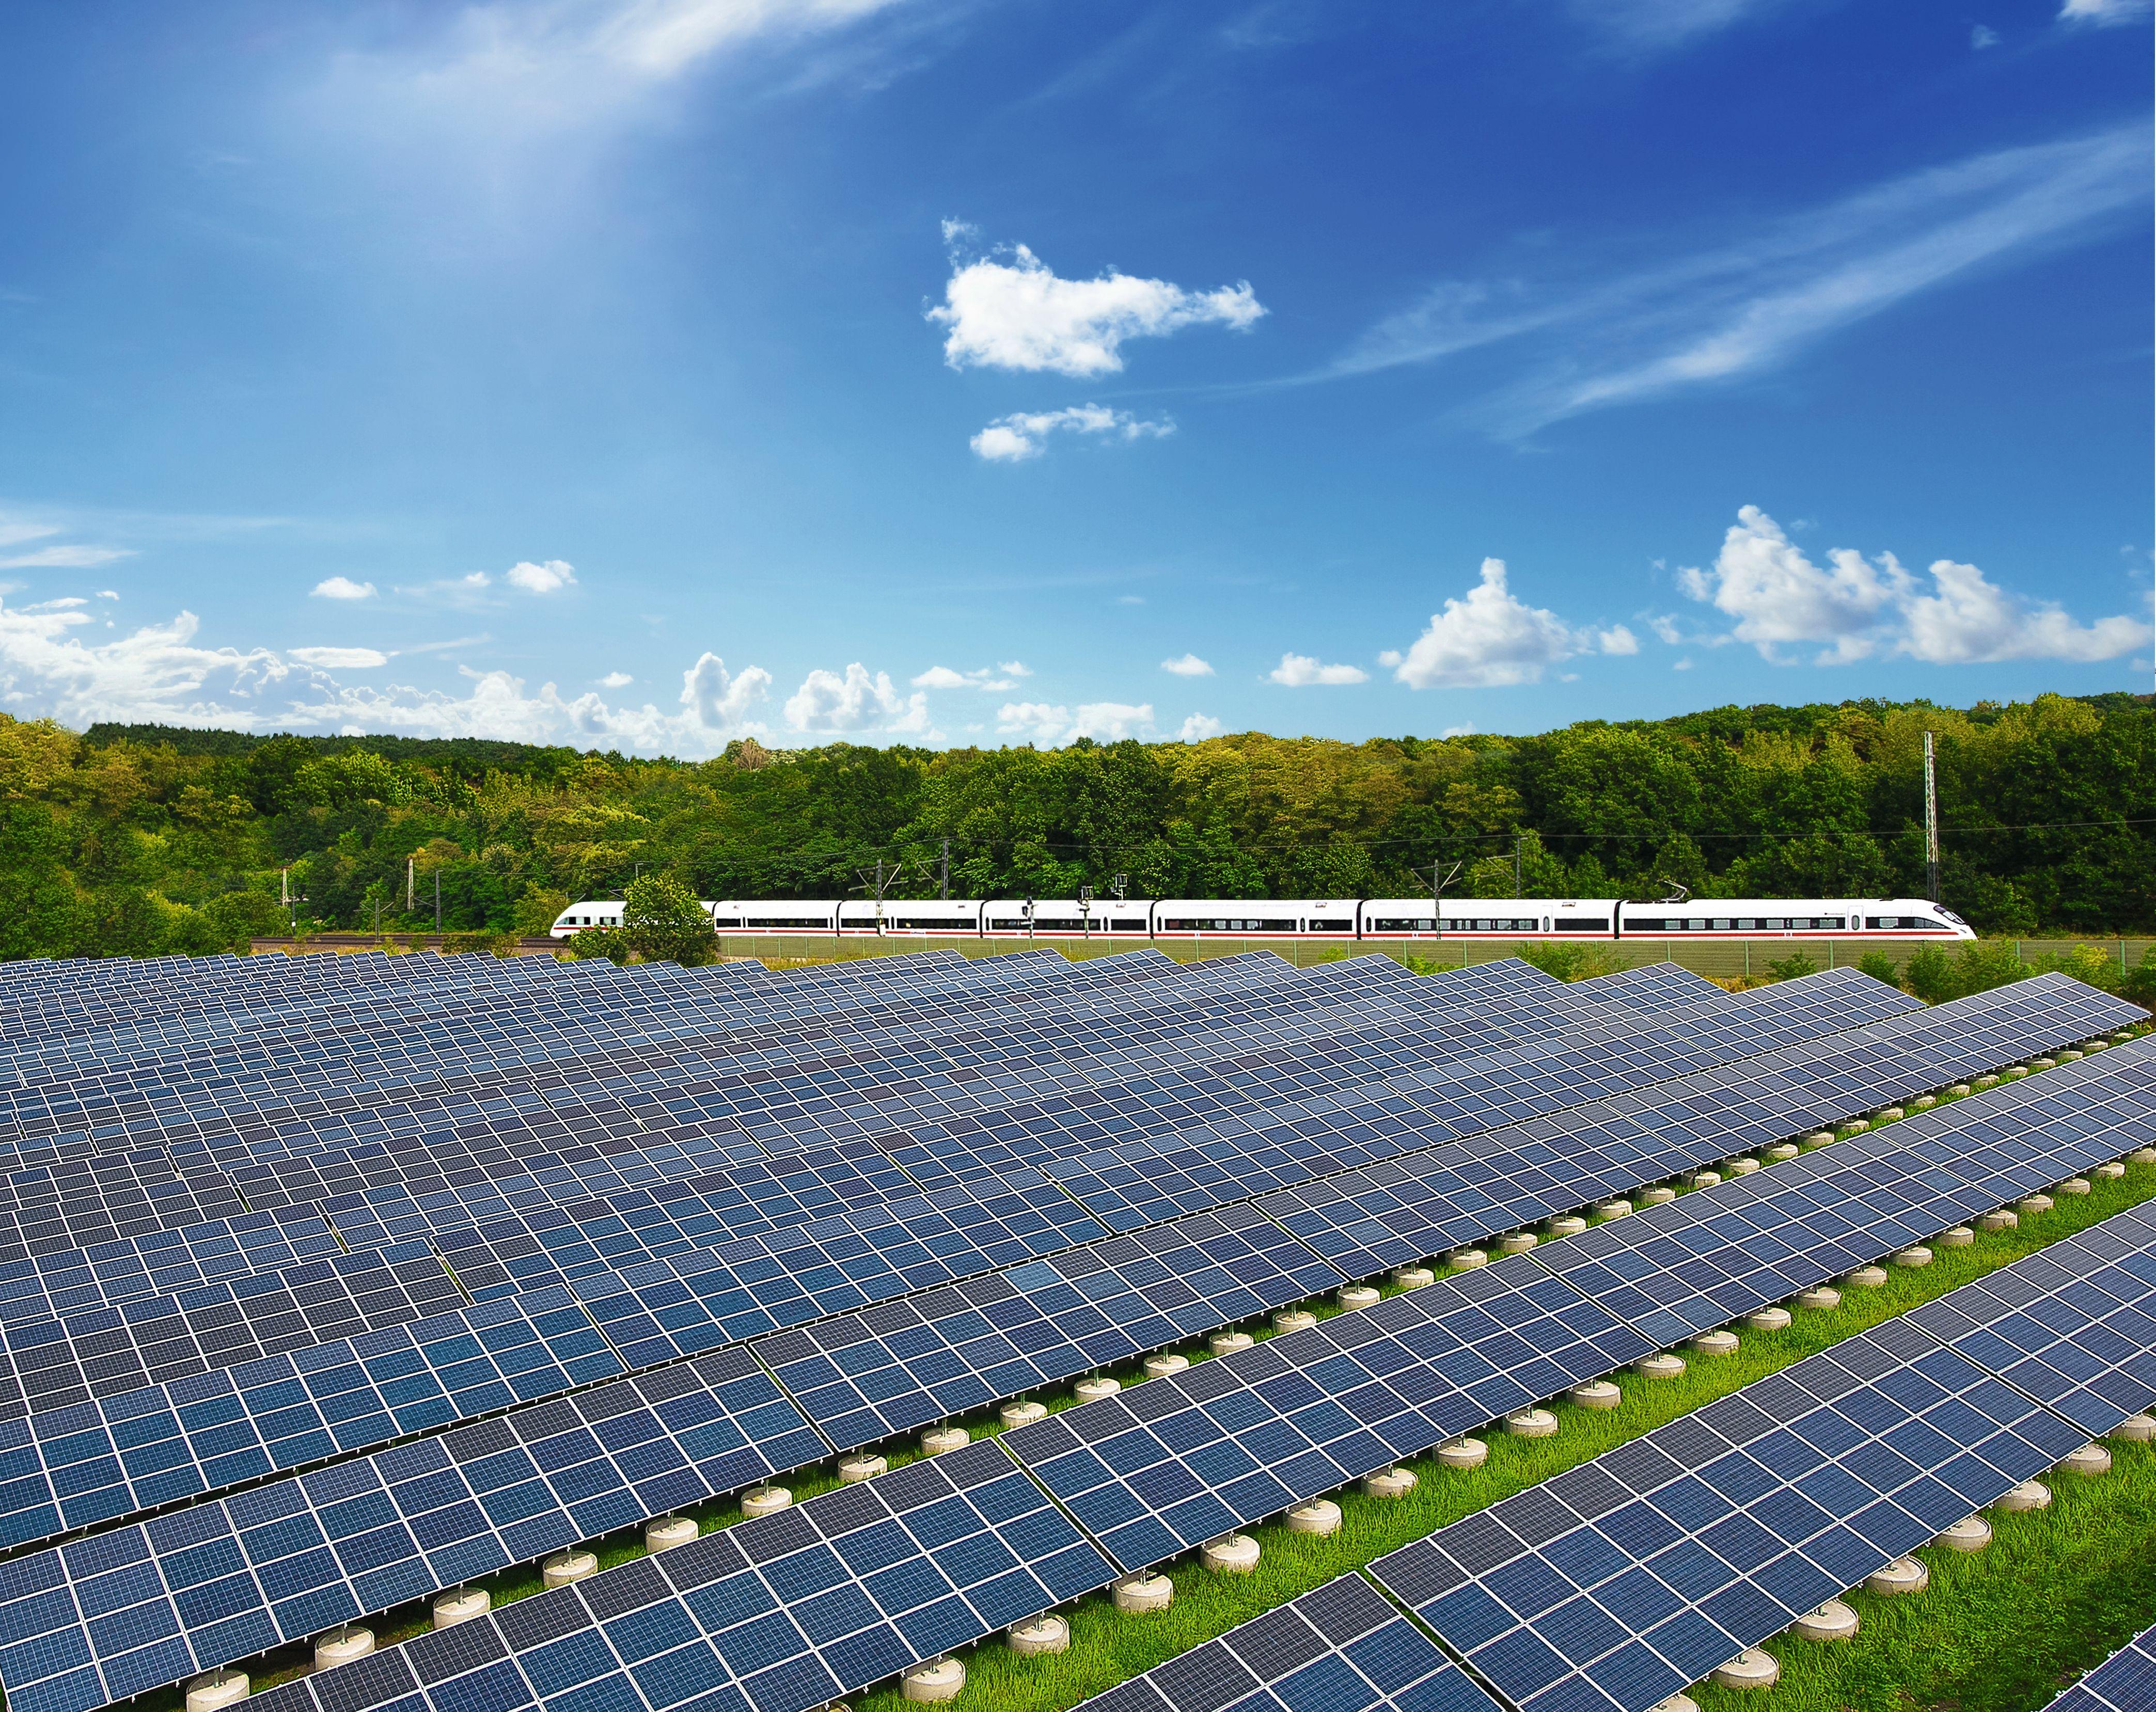 Deutsche Bahn solar panels